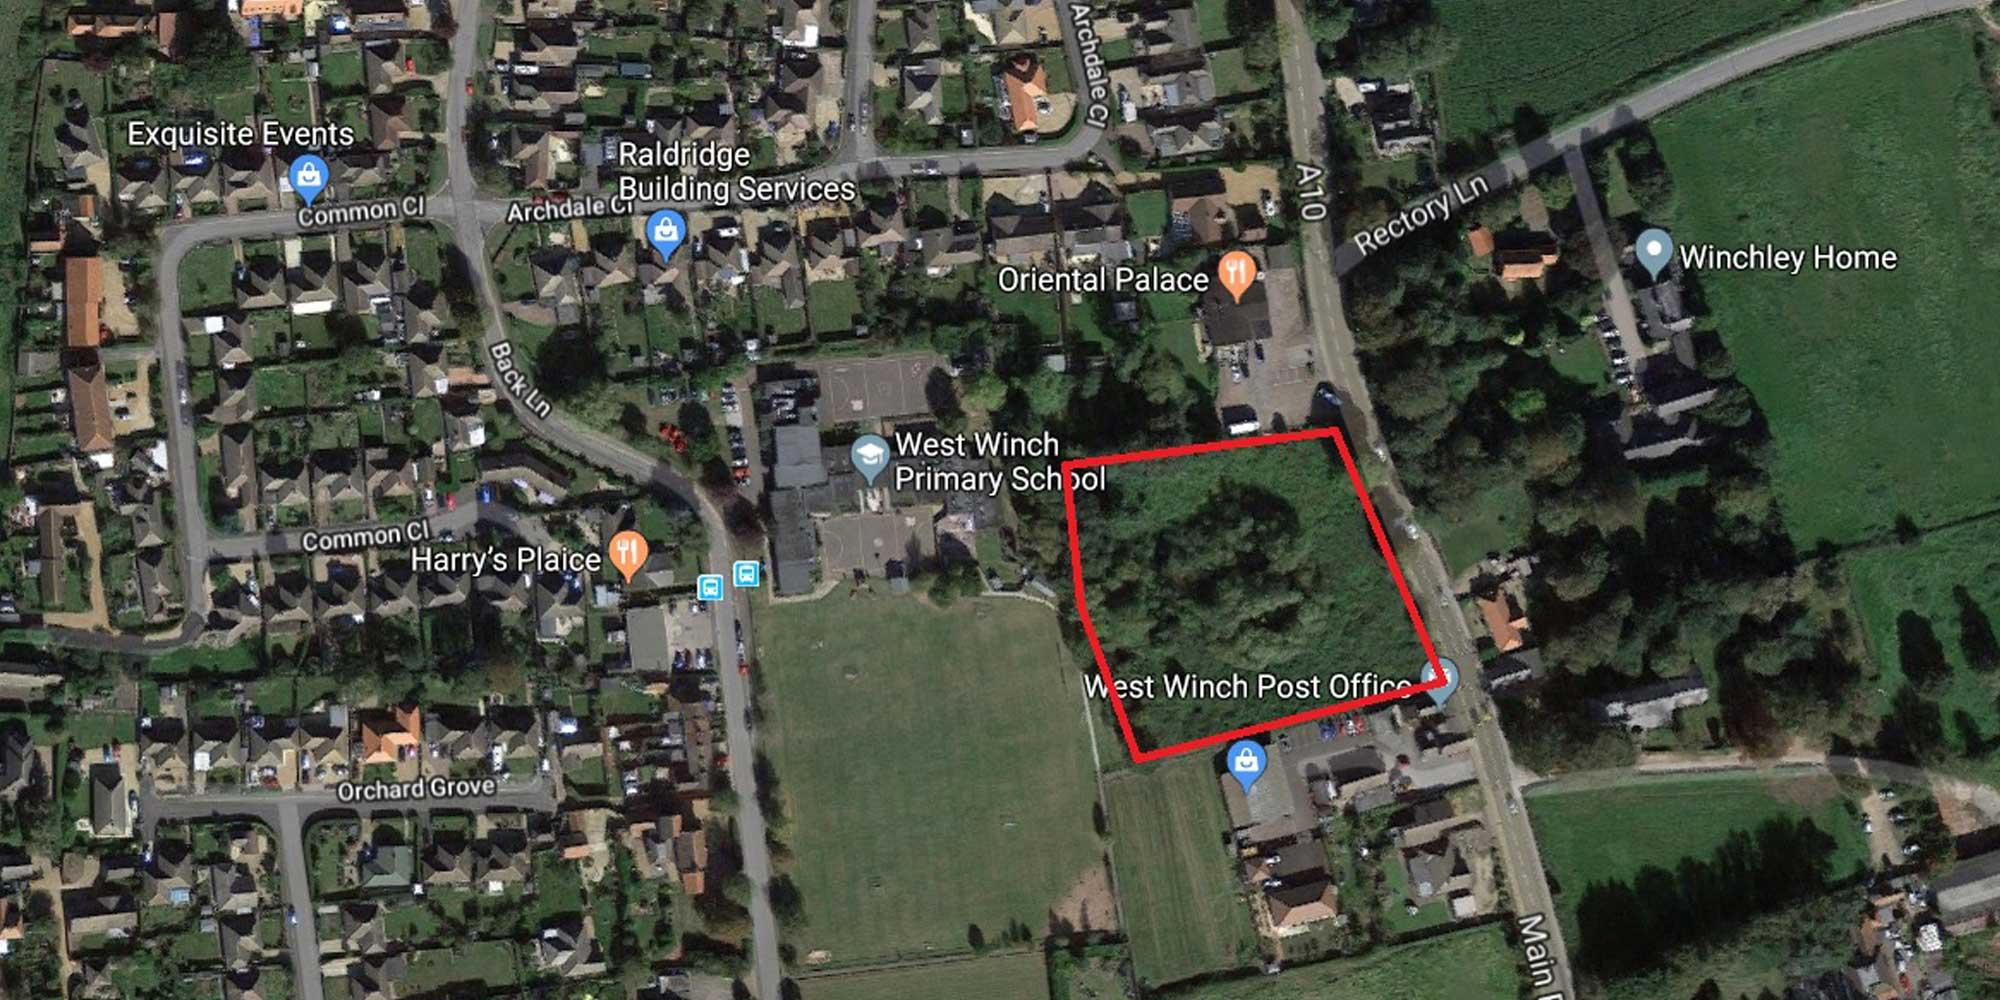 property-development-land-west-winch-kings-lynn-sheppard-developments